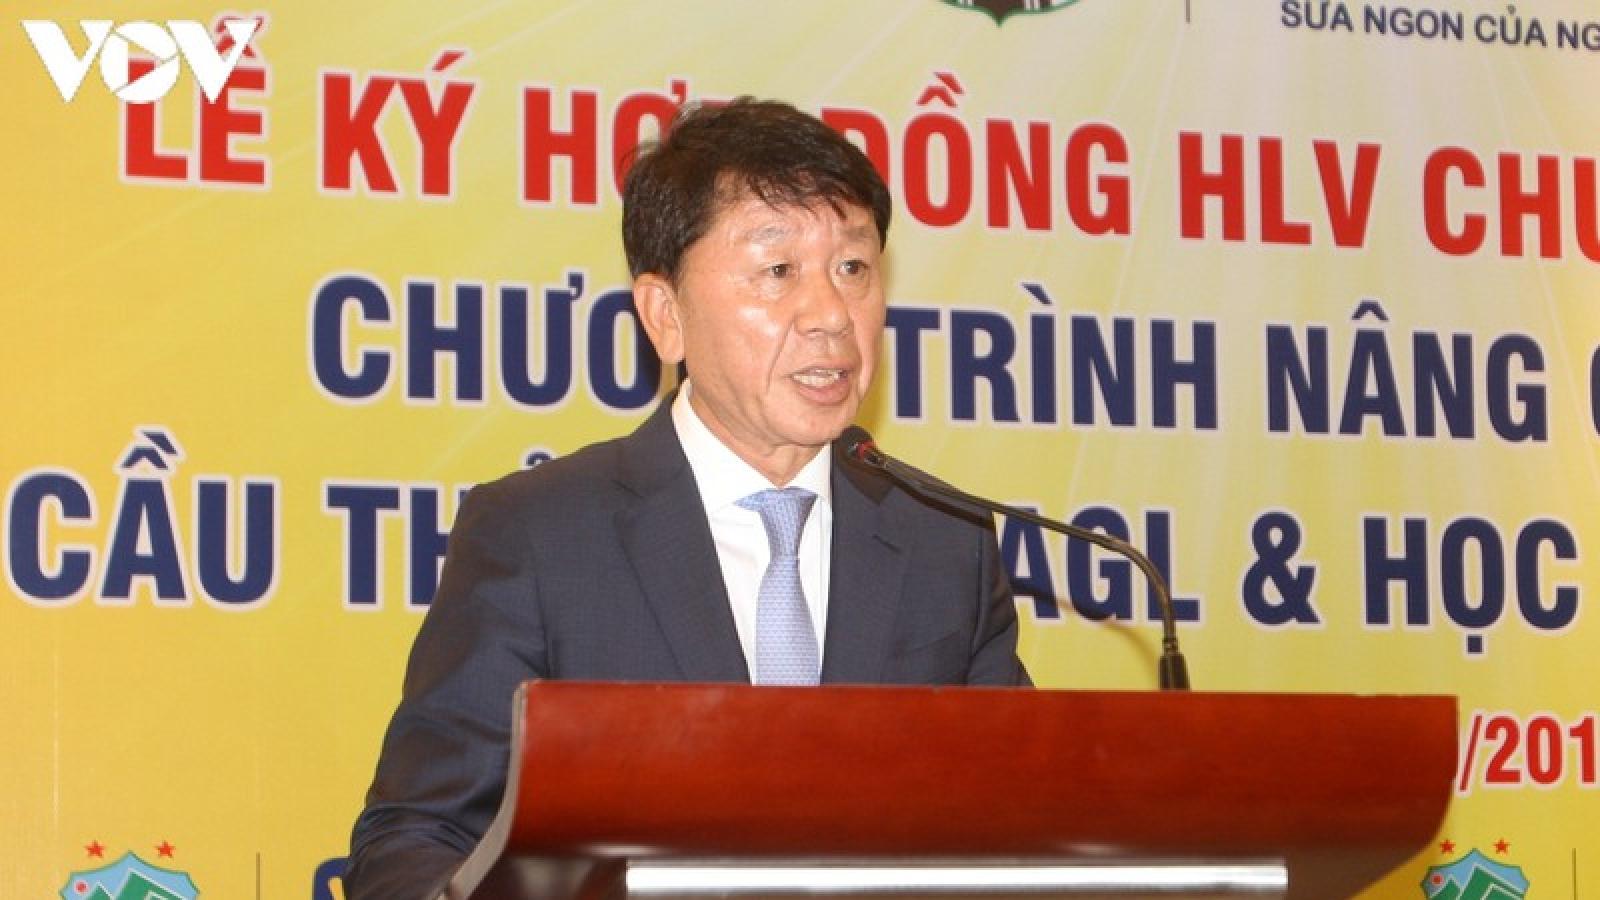 Ngày này năm xưa: HLV Chung Hae Soung ra mắt HAGL, đặt mục tiêu số 1 Đông Nam Á